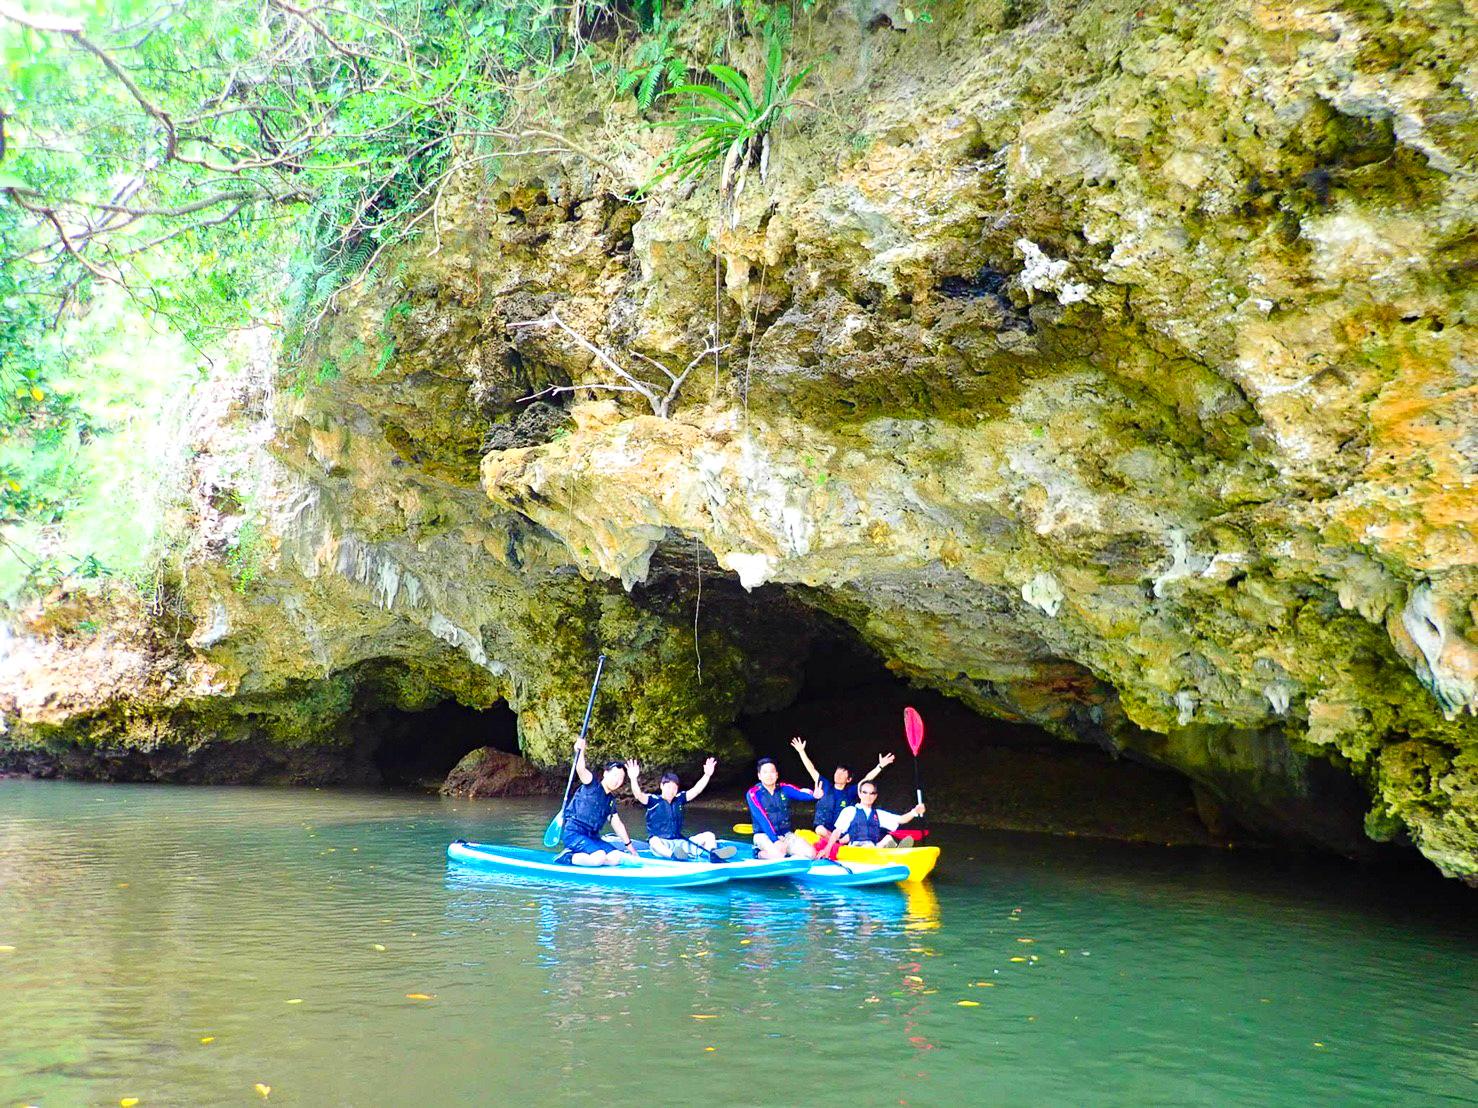 宮良川の洞窟周辺でSUPとカヌークルーズ